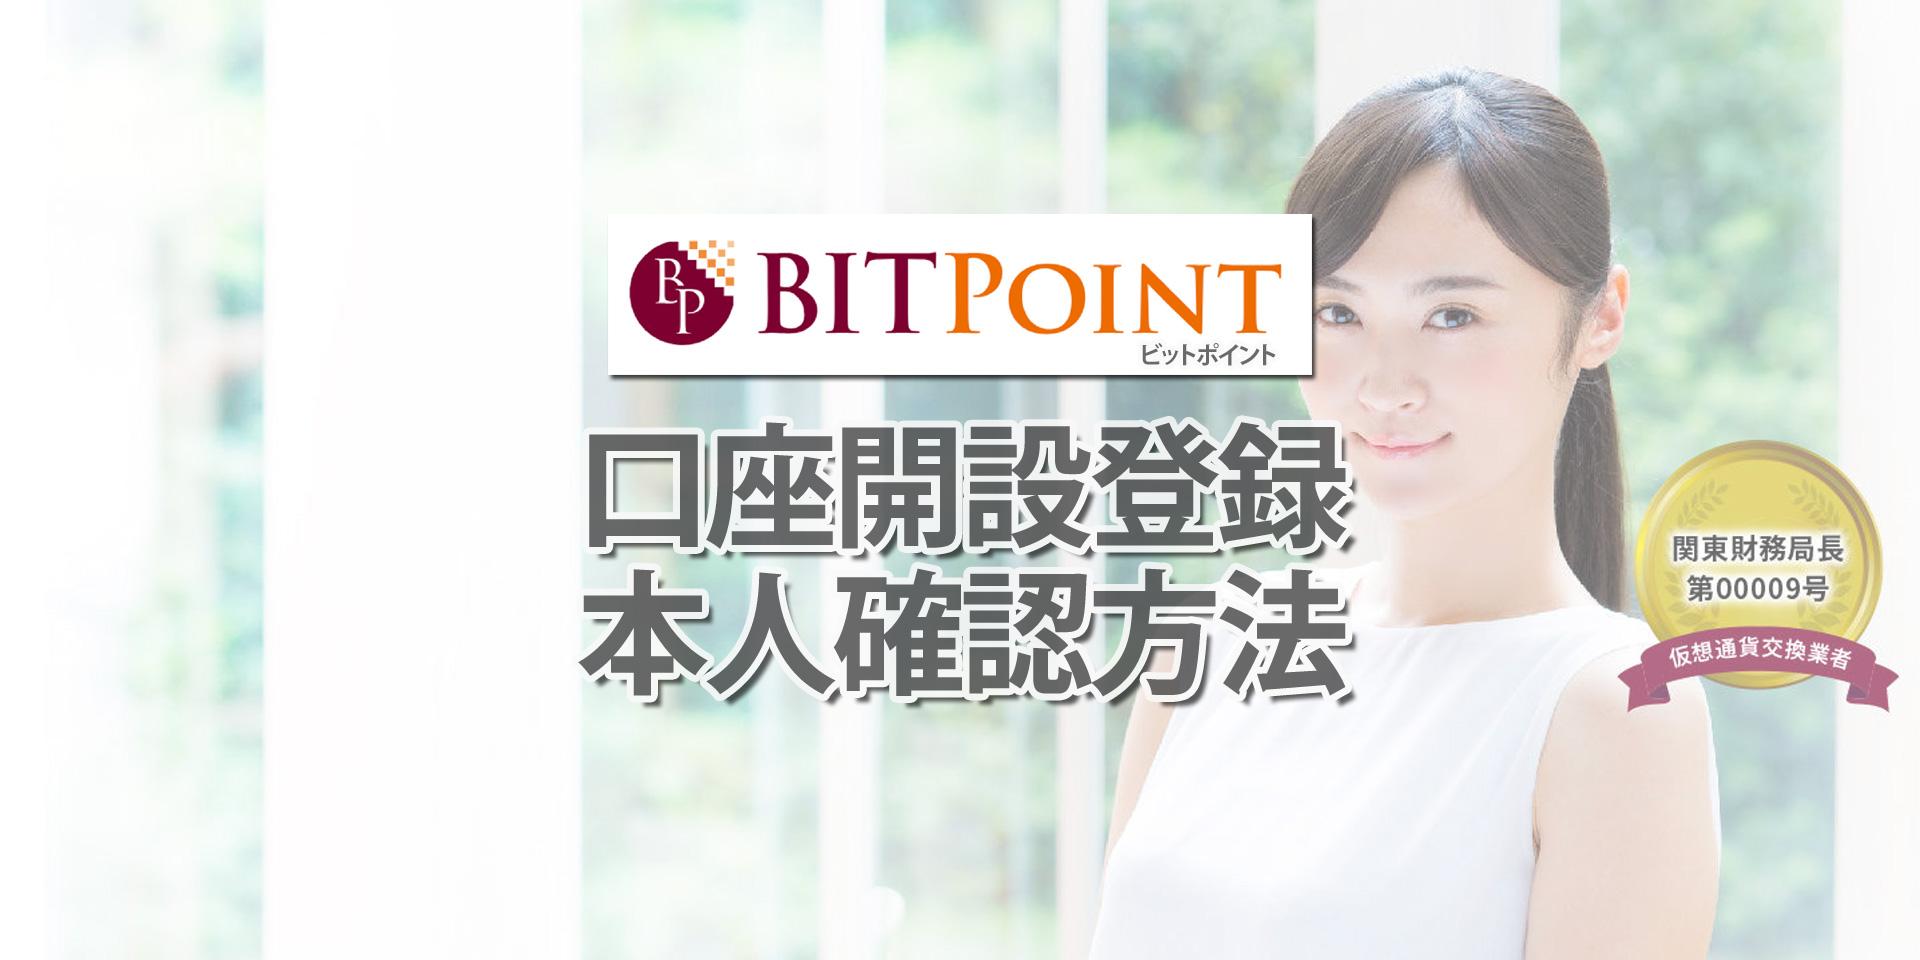 ビットポイント口座開設登録方法、本人確認方法